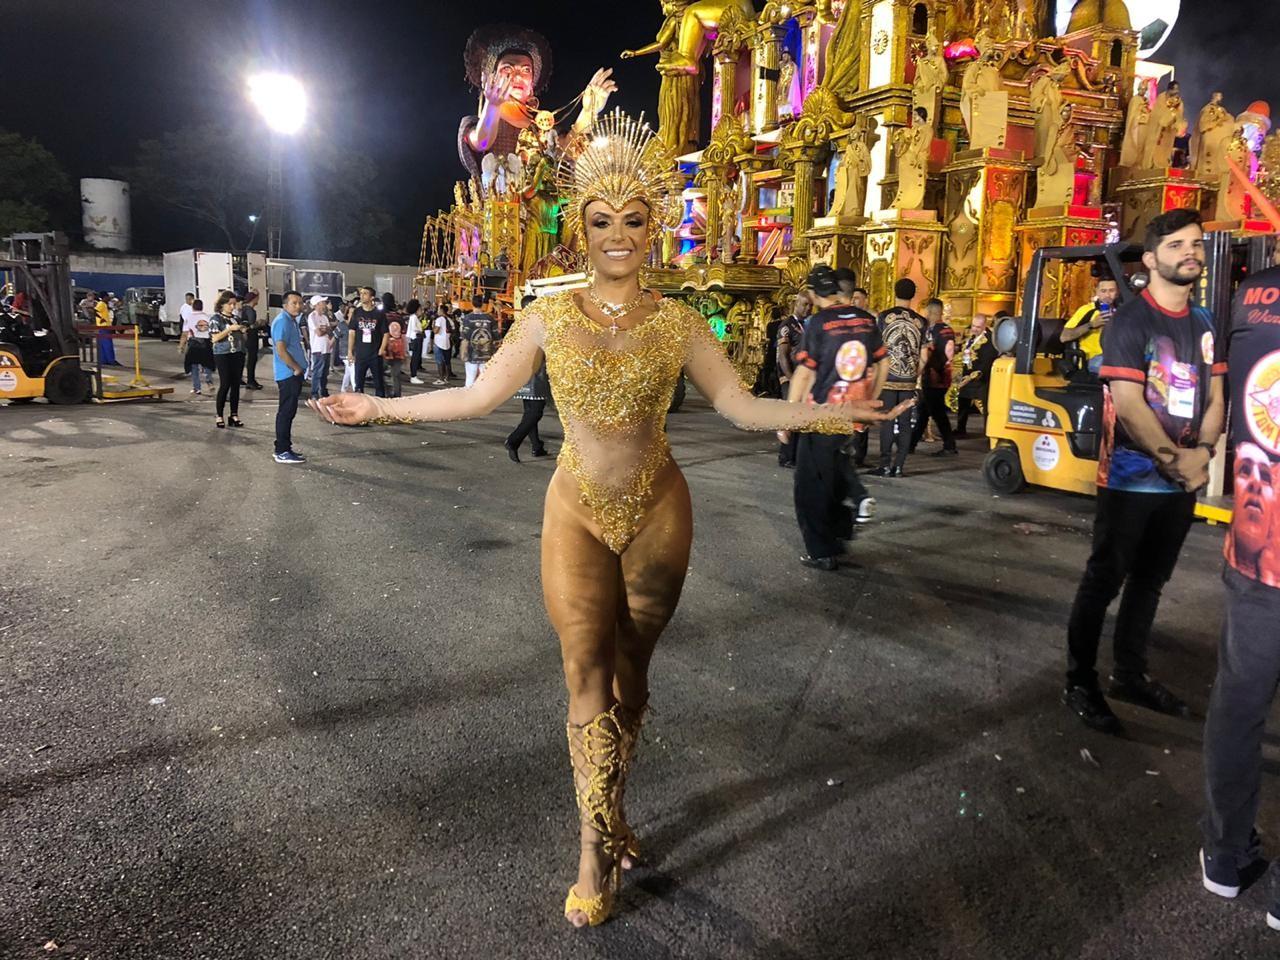 'Coração a mil, ansiosa para mais um carnaval', afirma a musa da Tom Maior Francine Carvalho